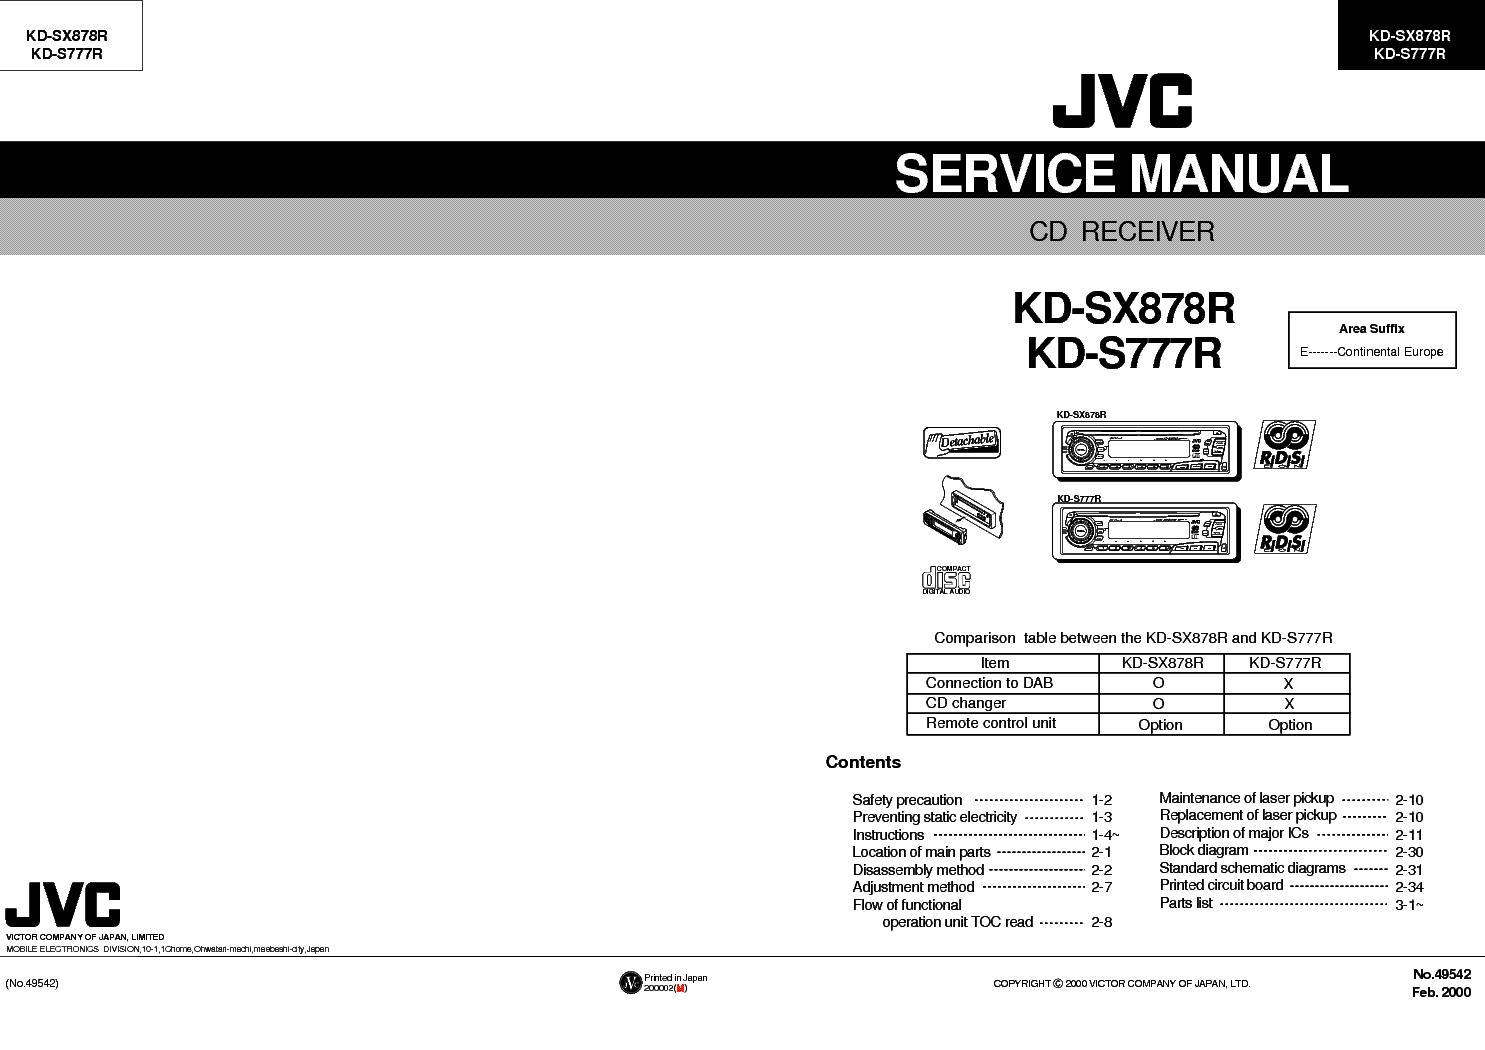 JVC KD-S777R SX878R SM service manual (1st page)